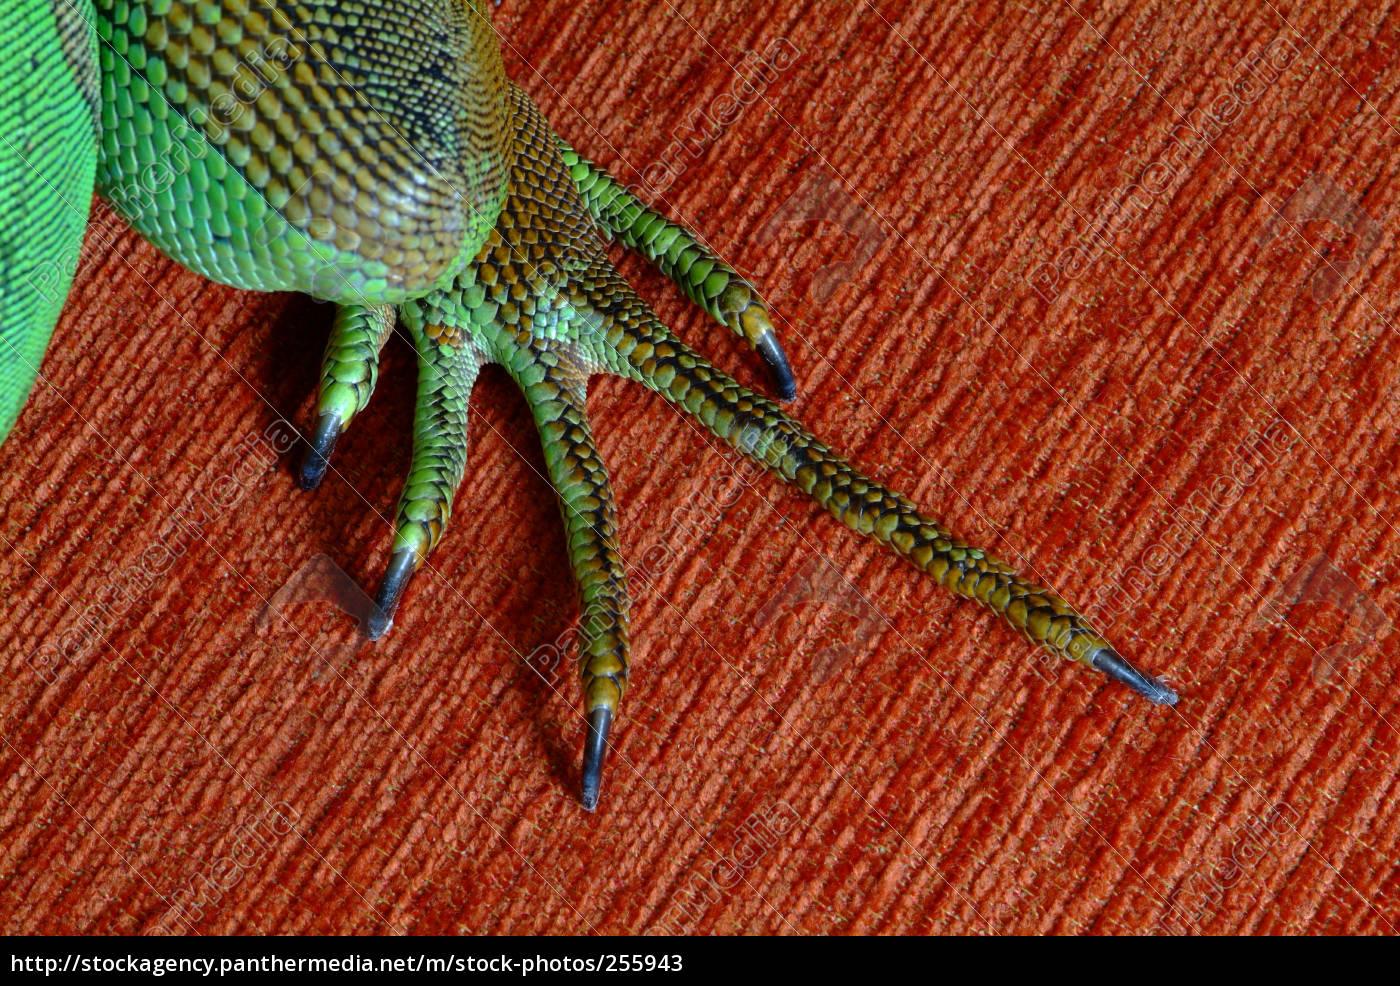 iguana, 22 - 255943